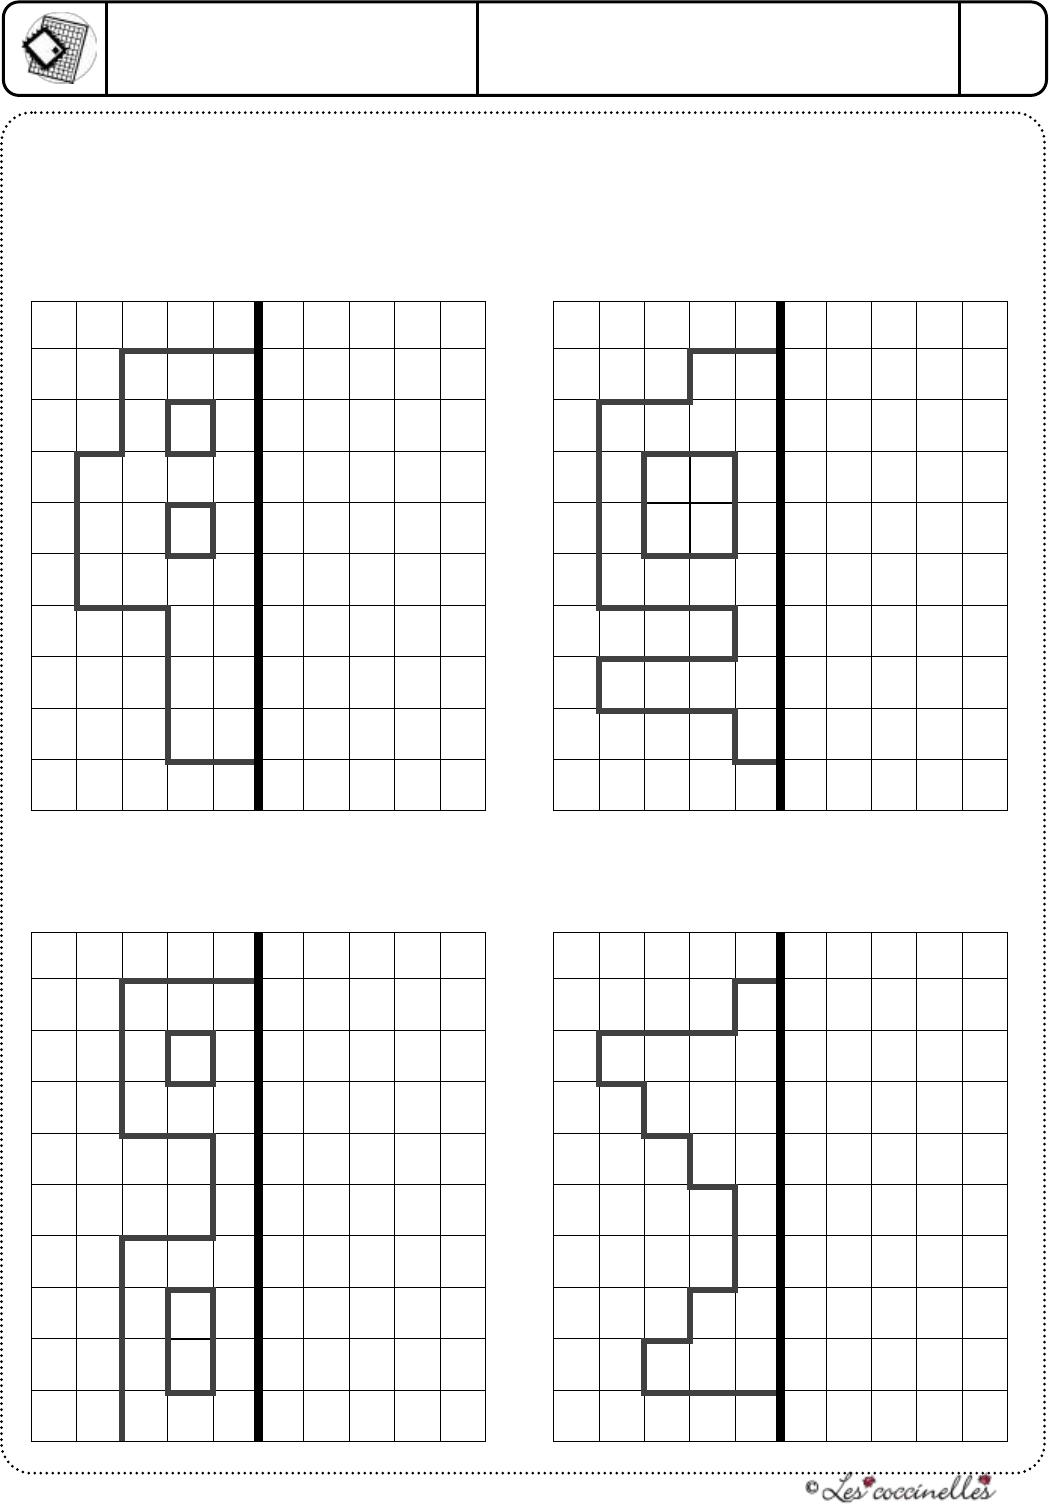 Symetrie Axiale 16 Quadrillage - [Pdf Document] pour Symétrie Quadrillage